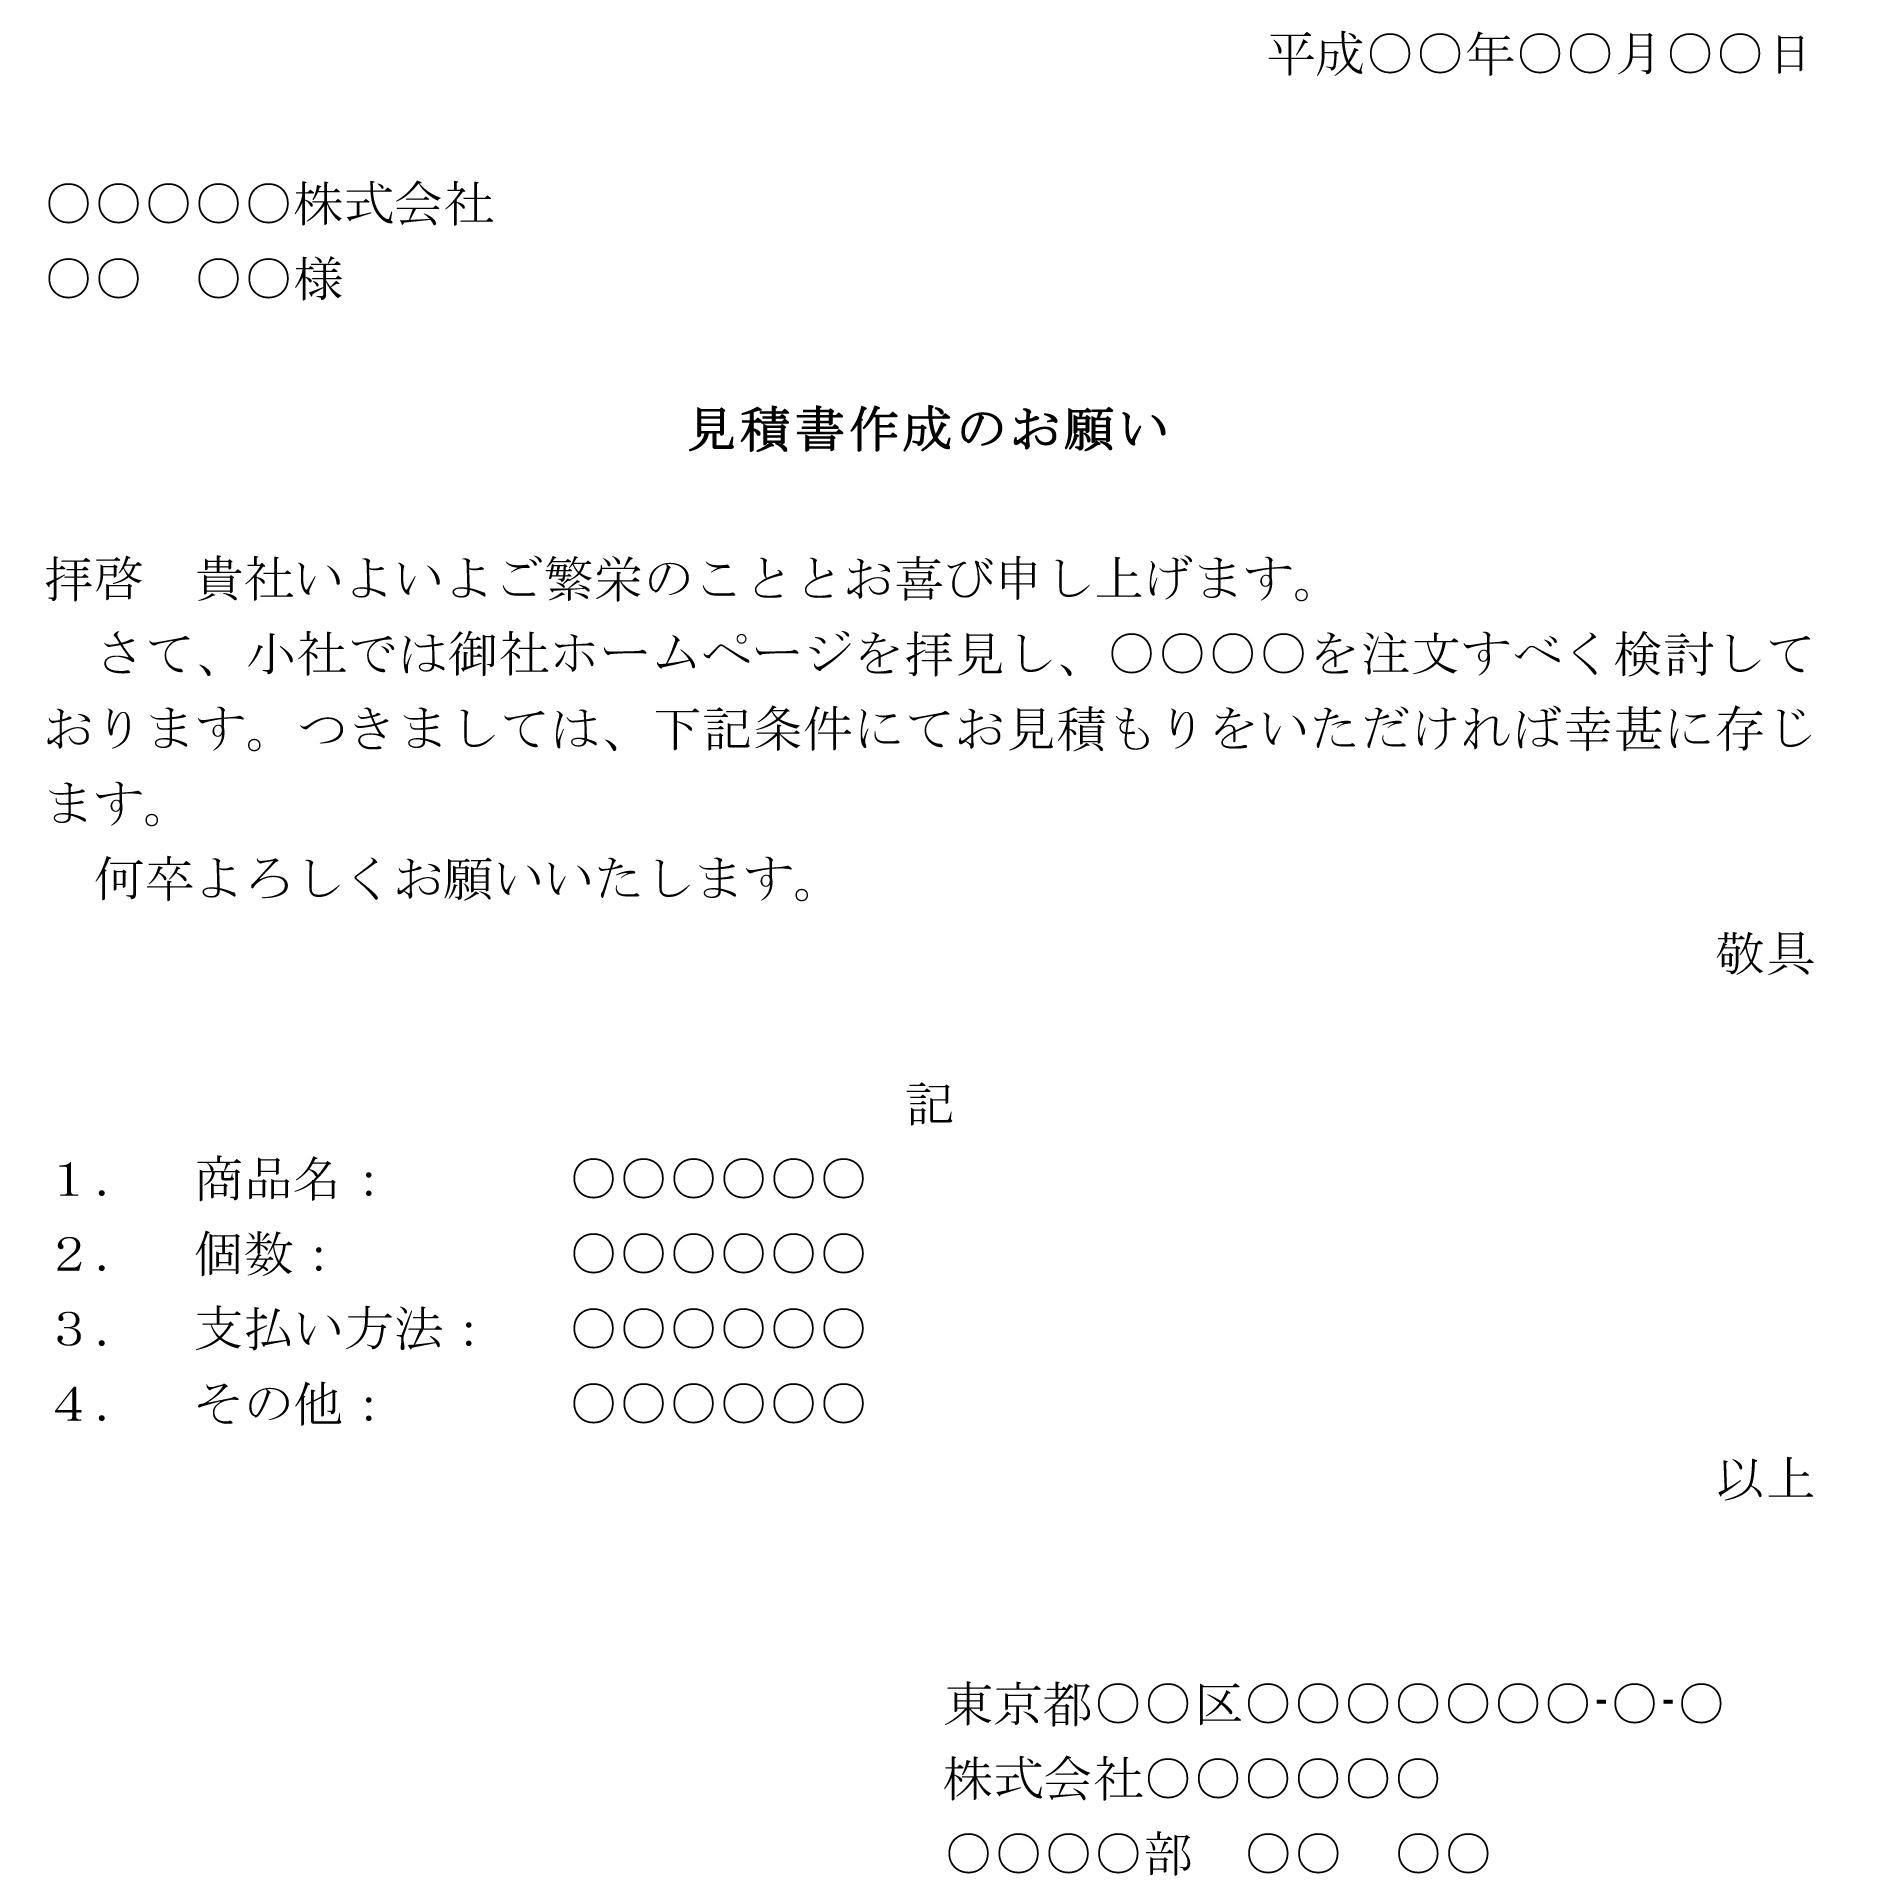 依頼状(見積書作成)